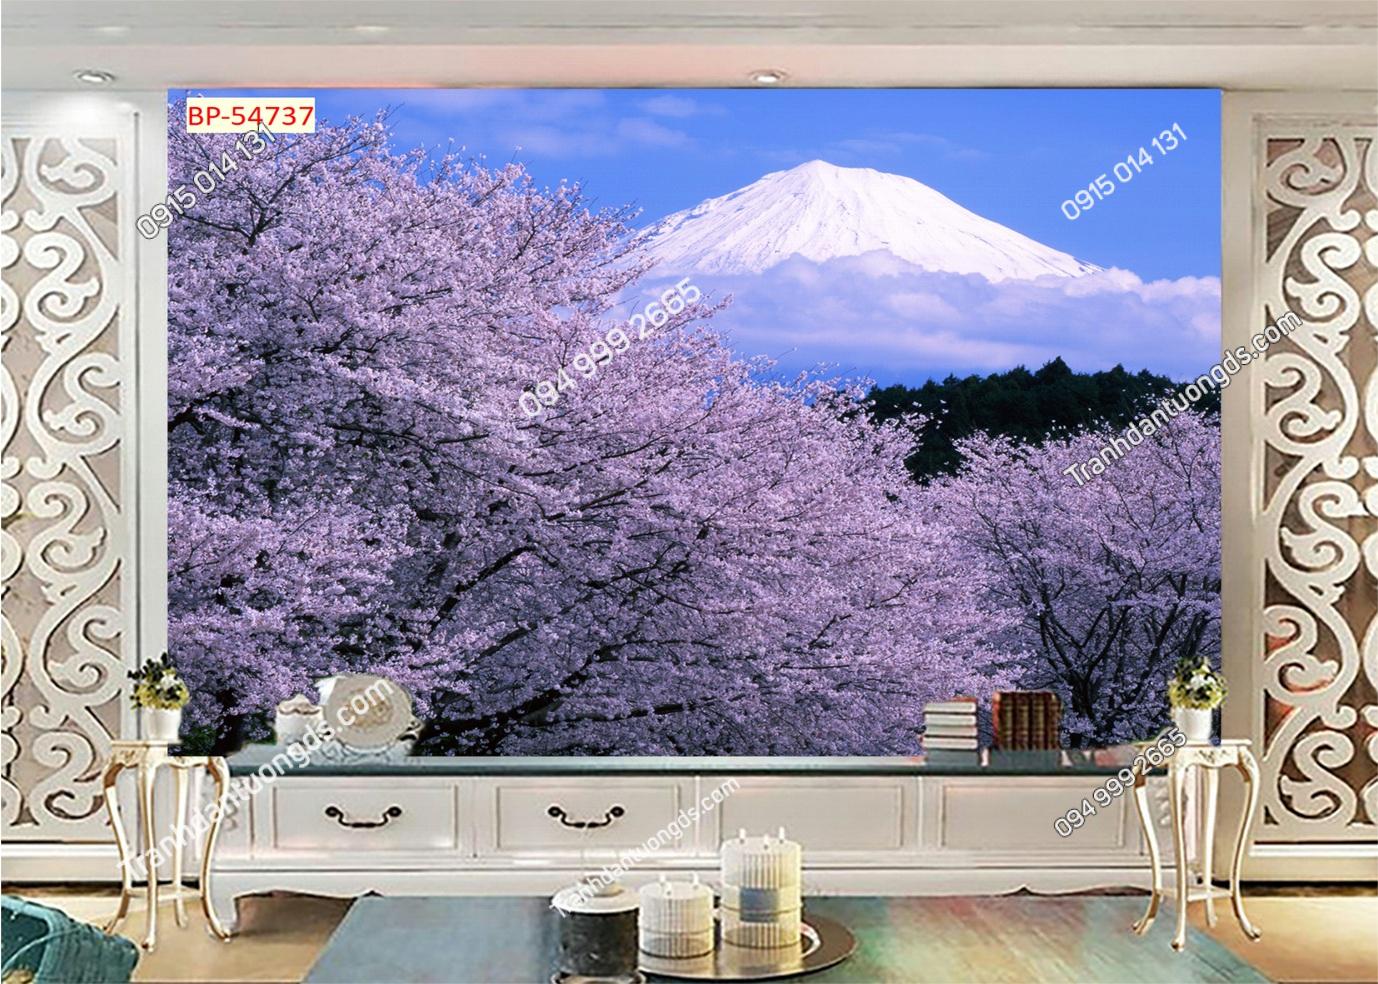 Tranh tường hoa anh đào Nhật Bản 54737